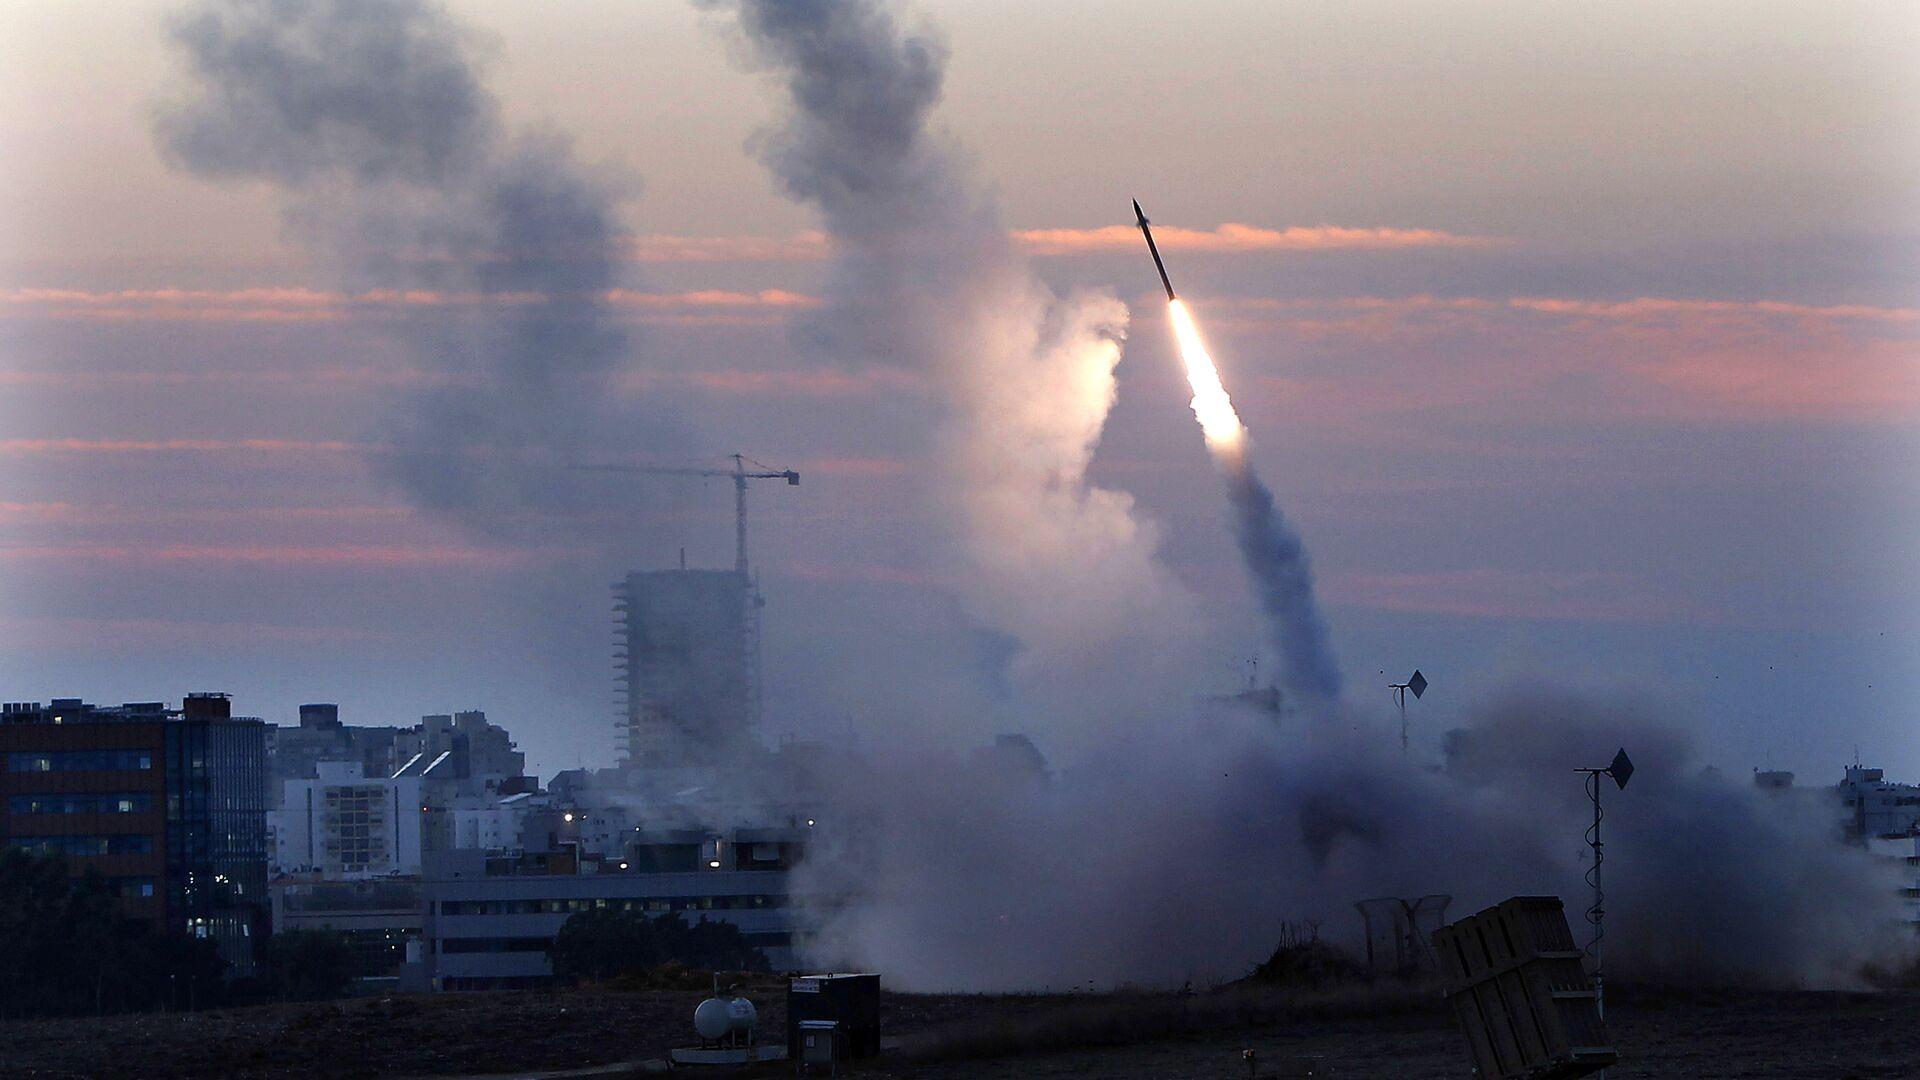 Sistema de defensa antiaérea de Israel intercepta un misil lanzado desde Gaza (archivo) - Sputnik Mundo, 1920, 11.02.2021